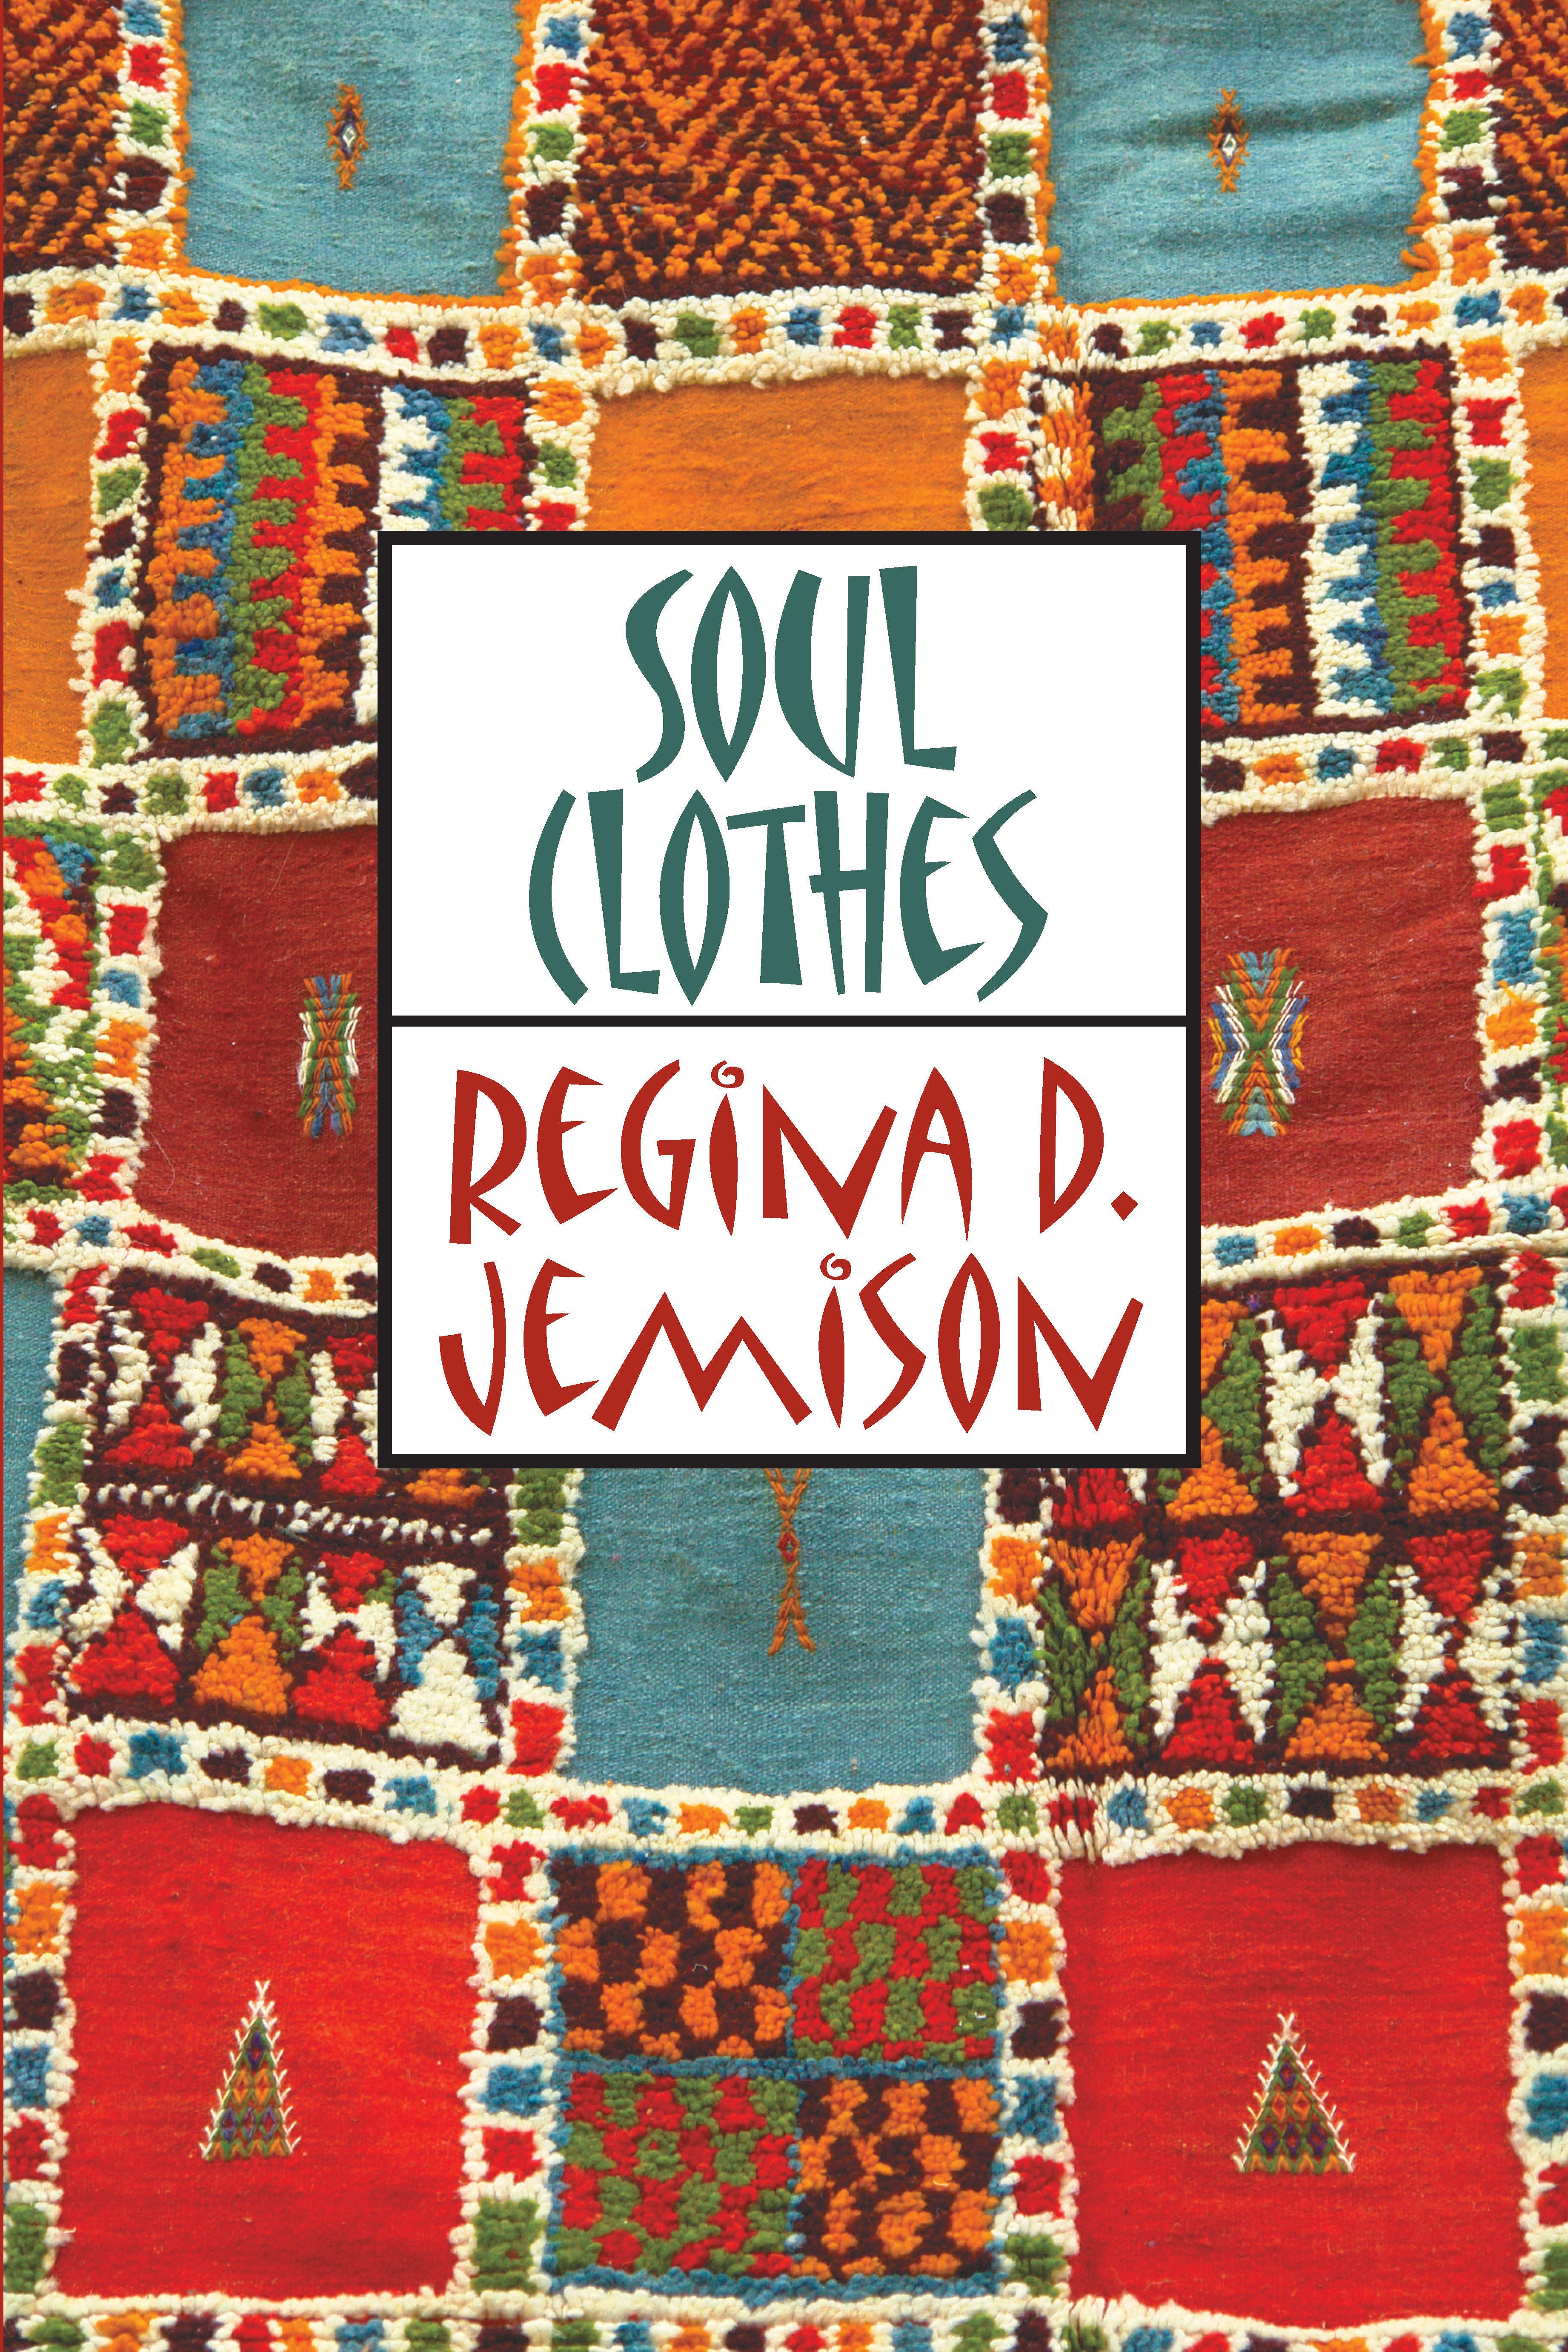 Soul Clothes 978-1-61599-095-5